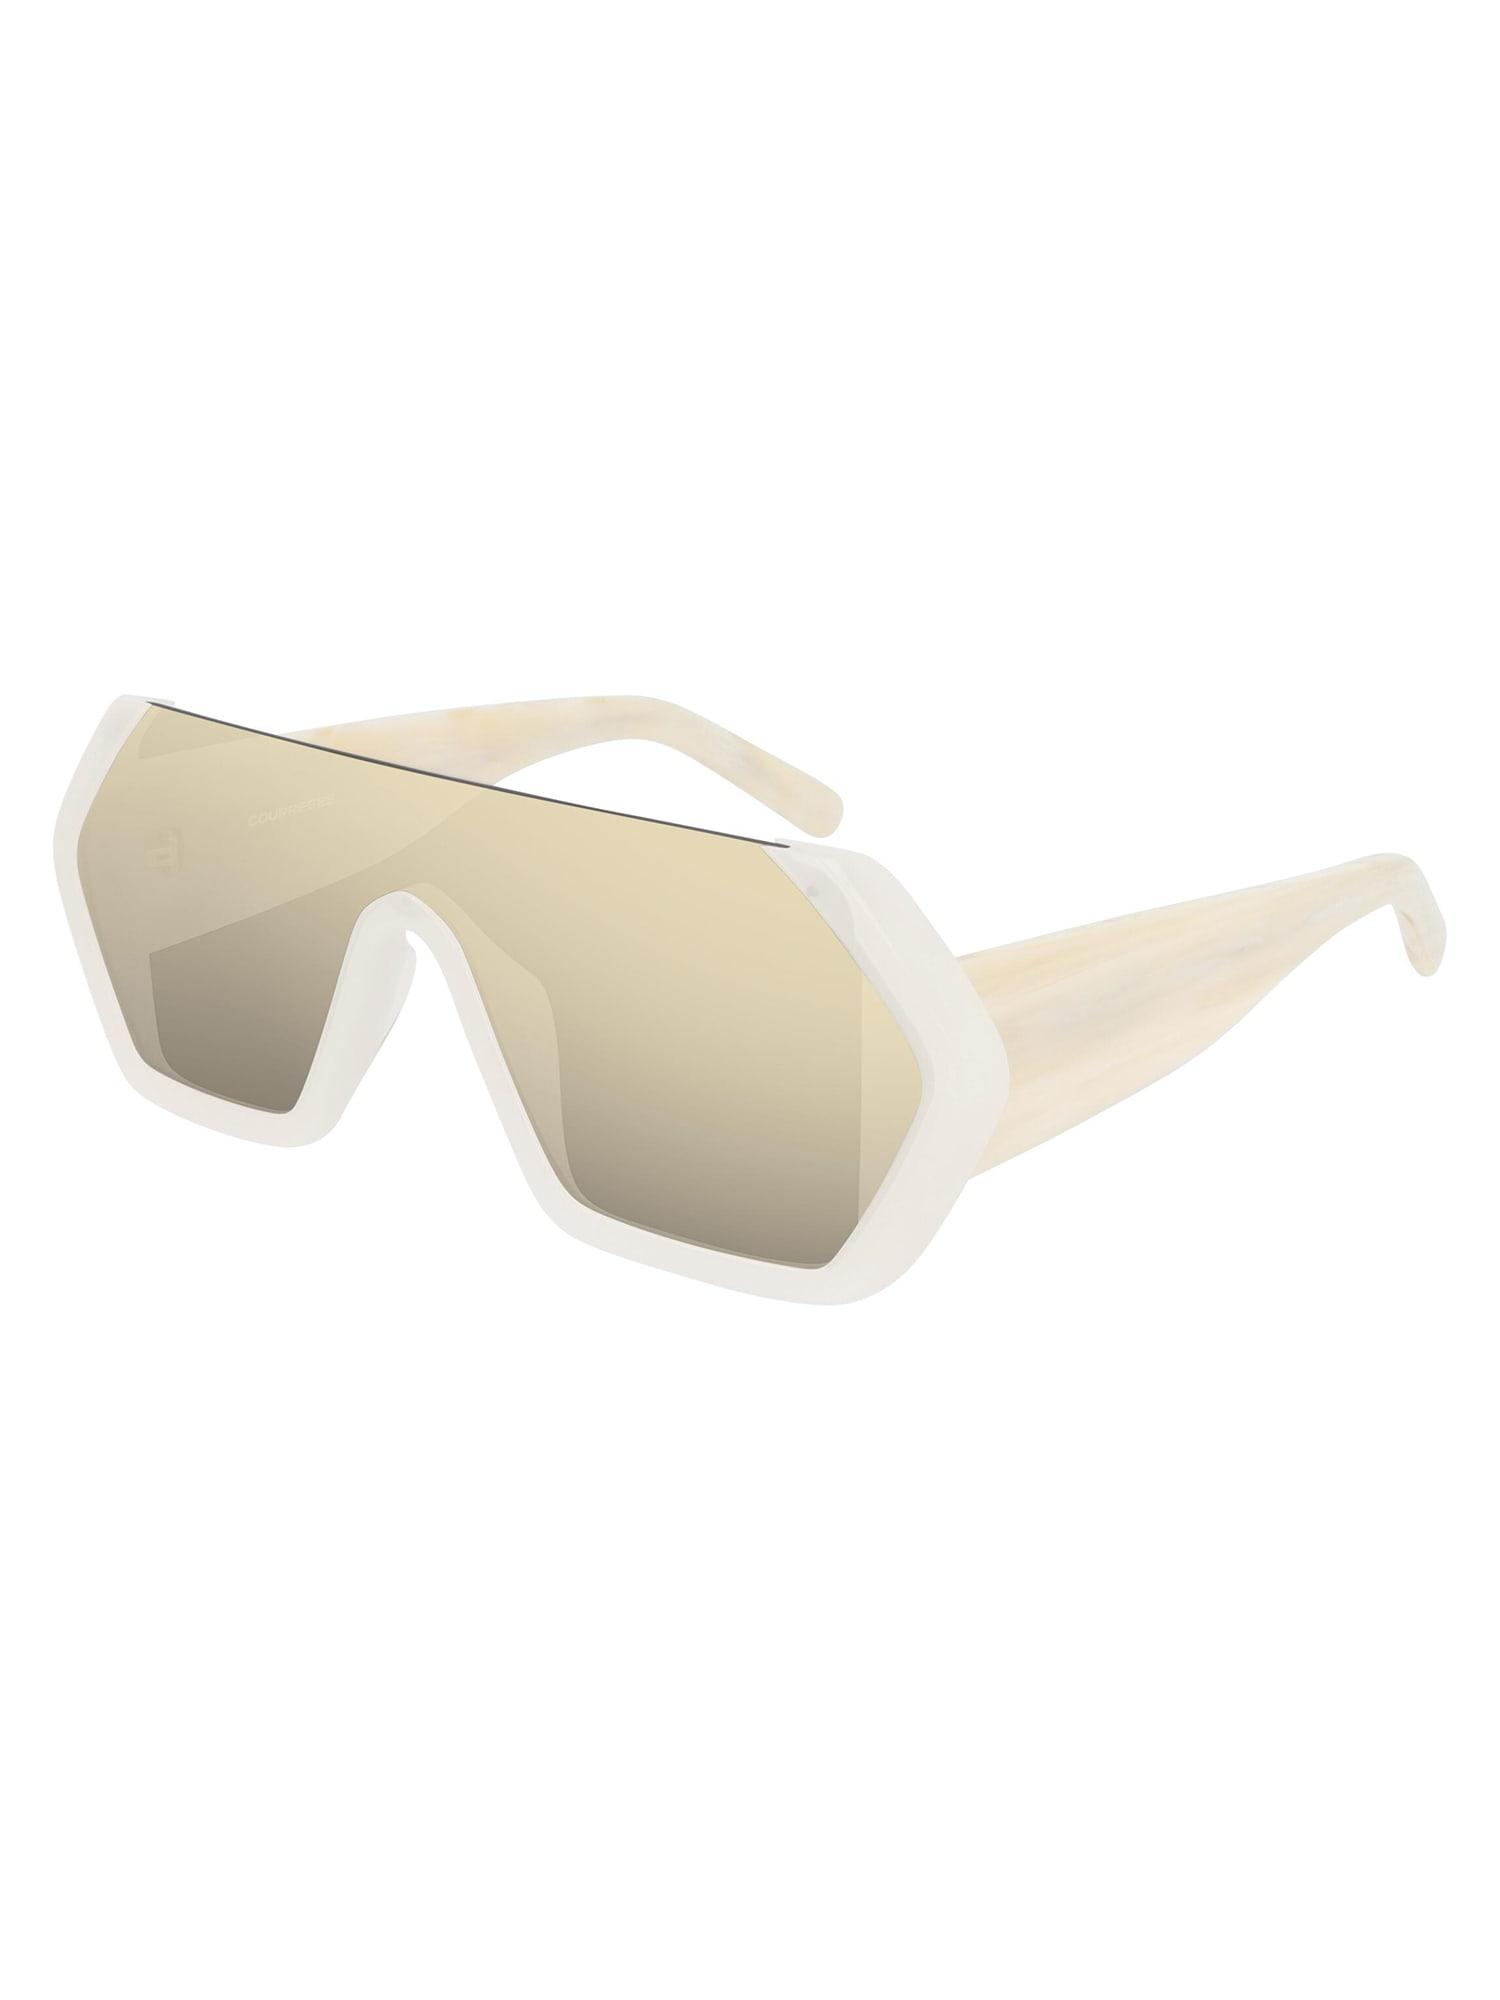 Courrèges CL1909 Sunglasses